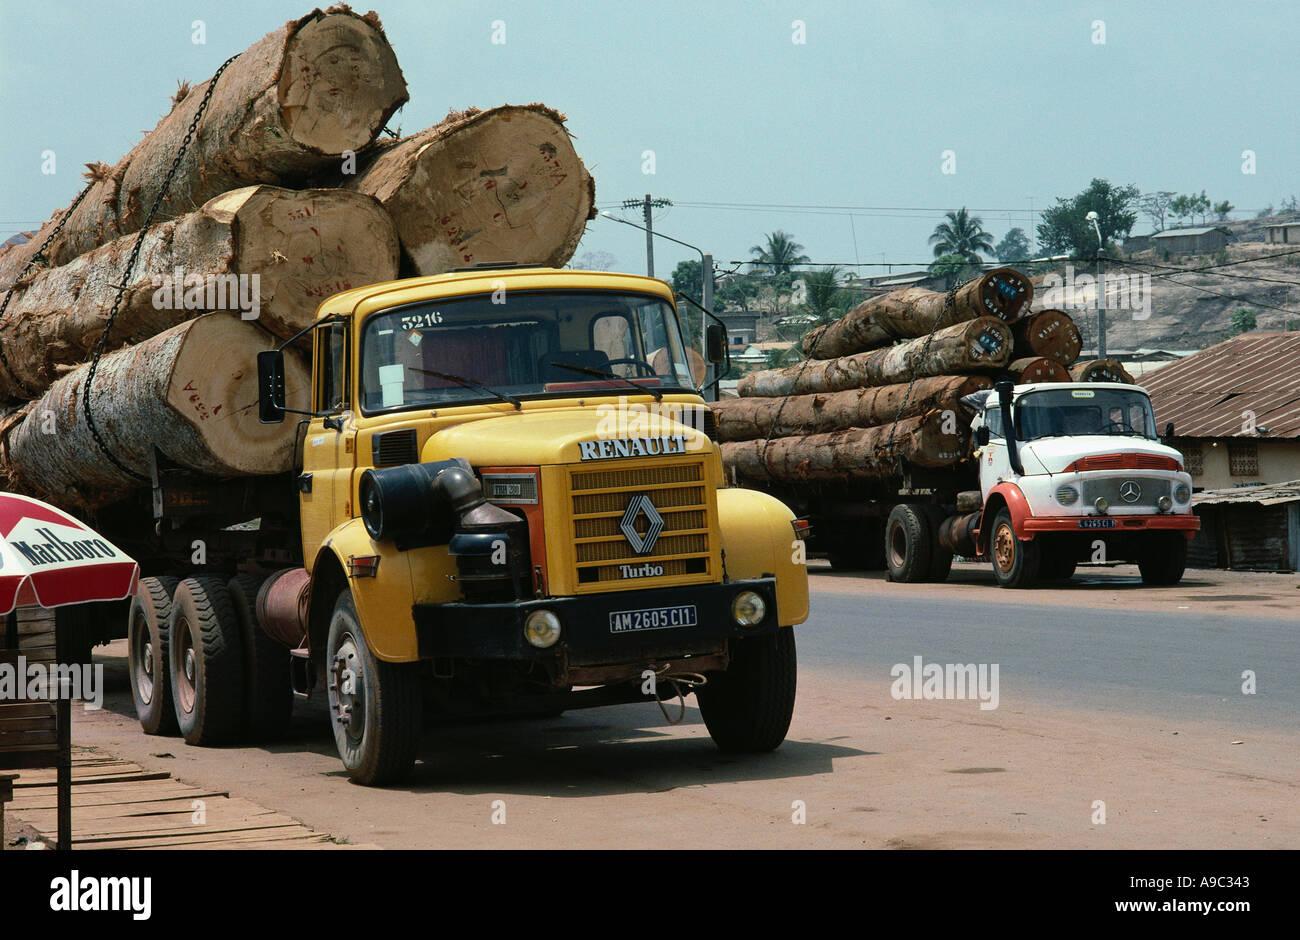 La deforestación camiones cargados con troncos en el oeste de Costa de Marfil en África Occidental Imagen De Stock